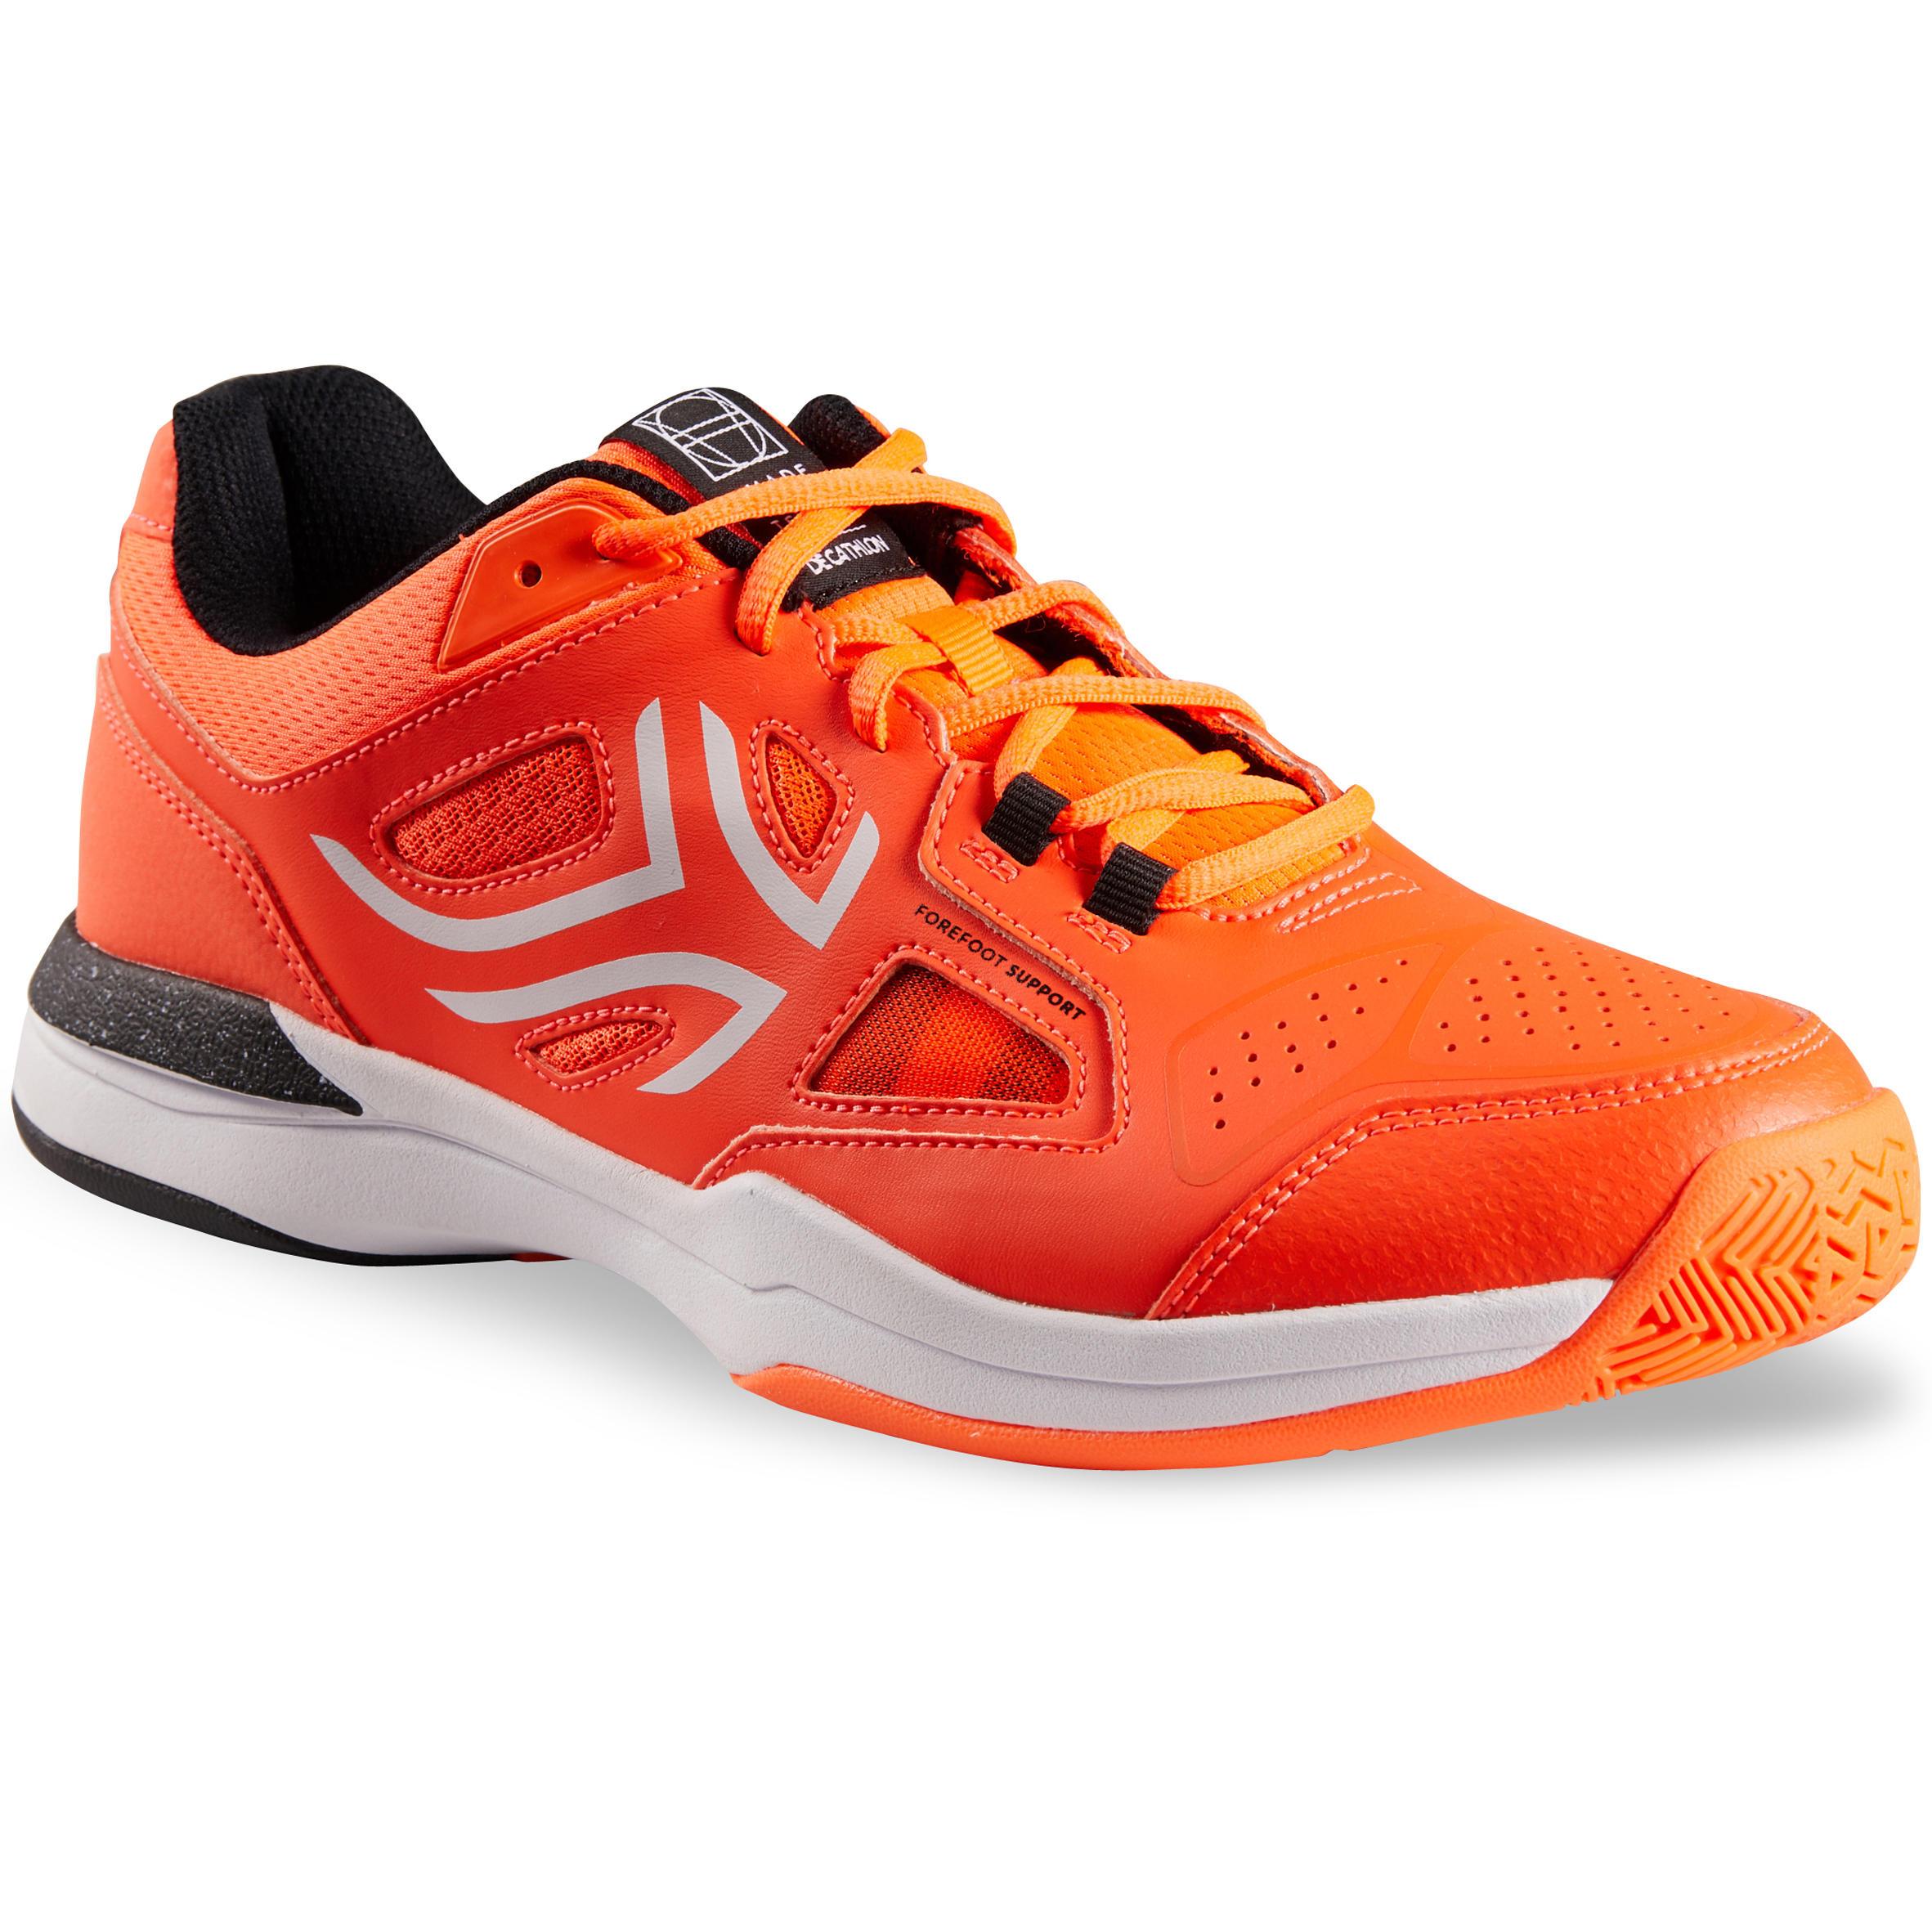 Tennisschuhe TS500 Multicourt Herren orange | Schuhe > Sportschuhe > Tennisschuhe | Artengo